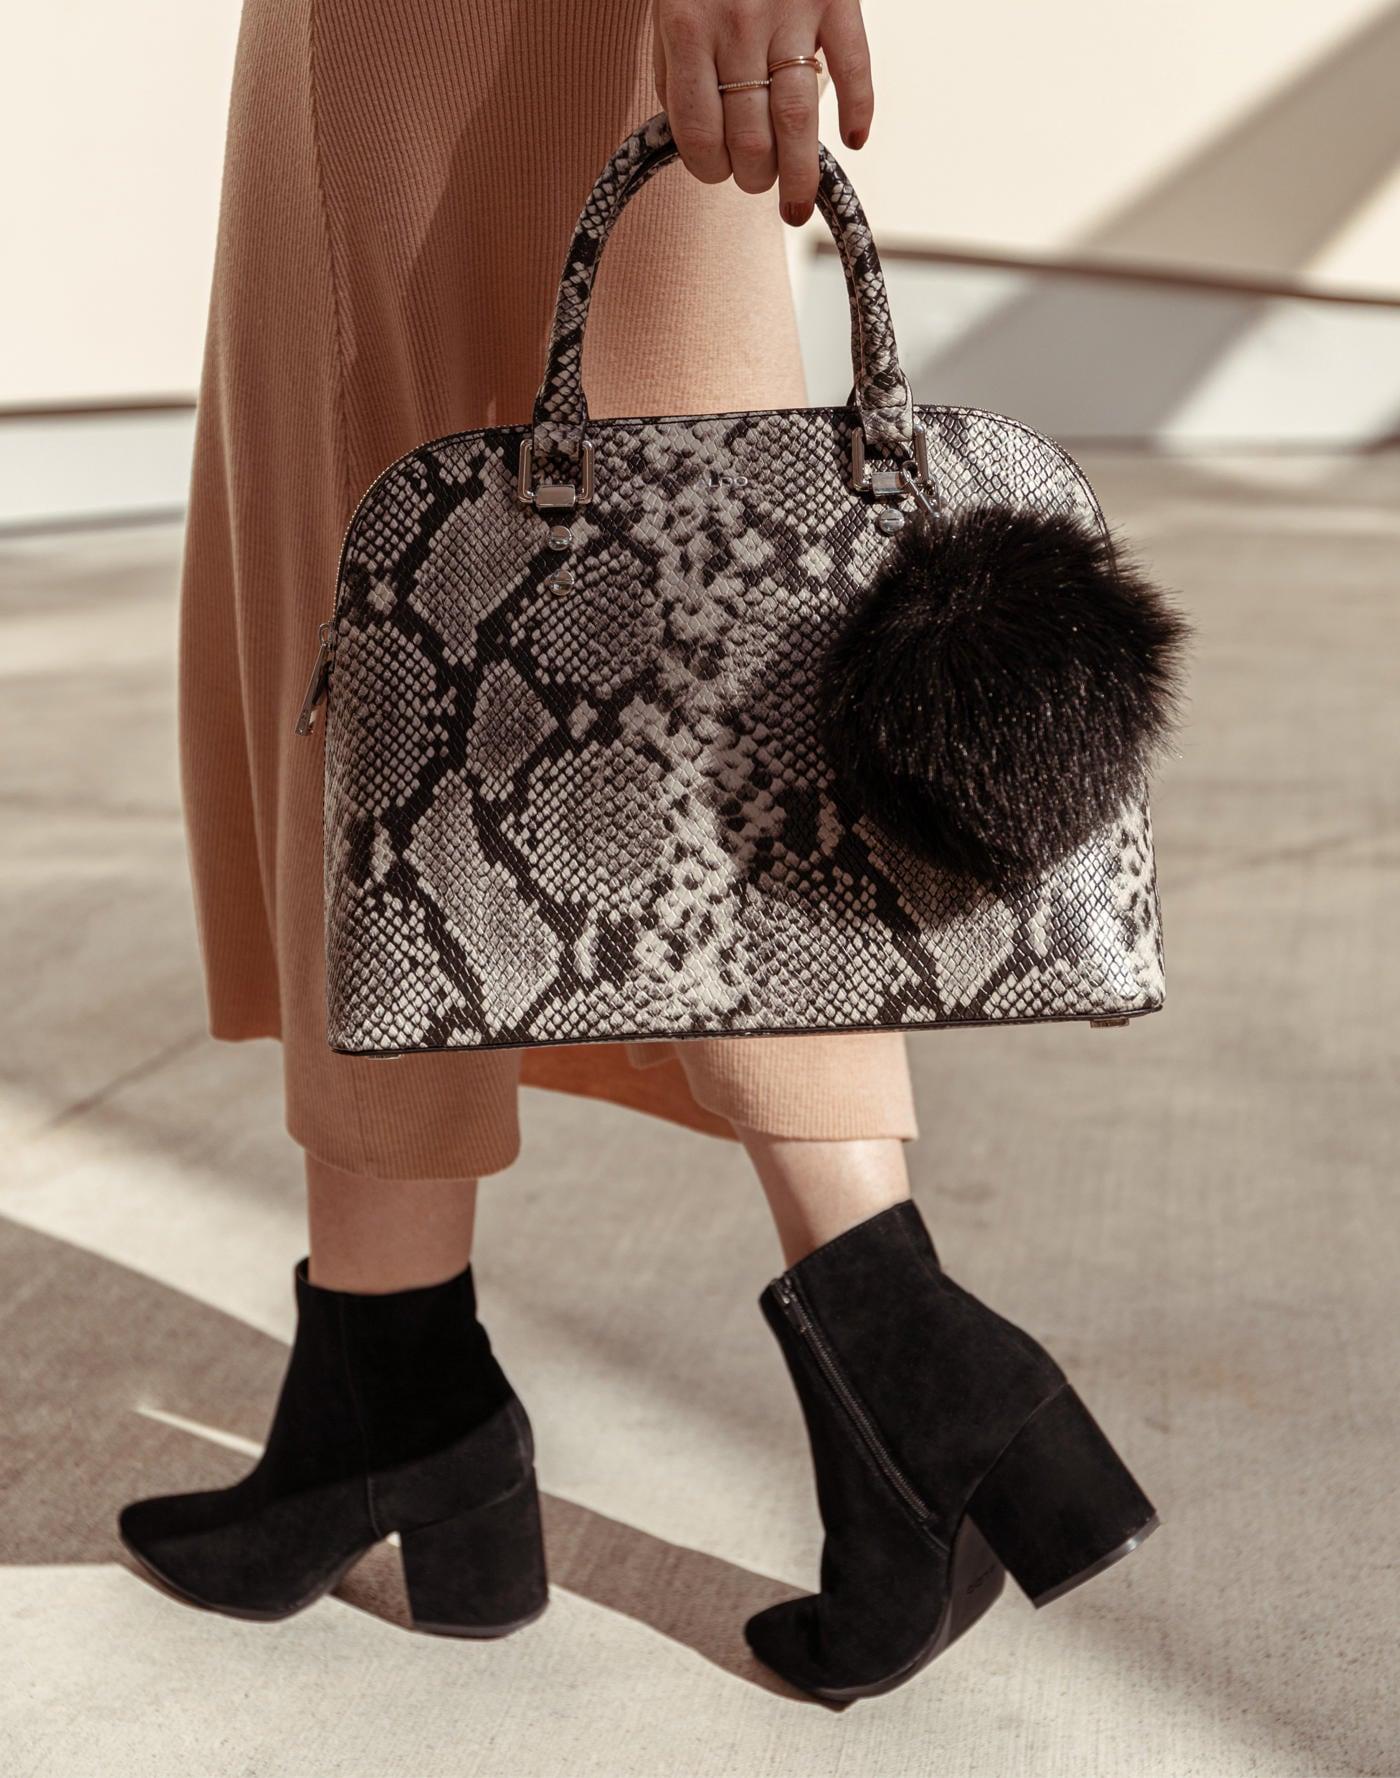 Aldo Bags Handbags For Women